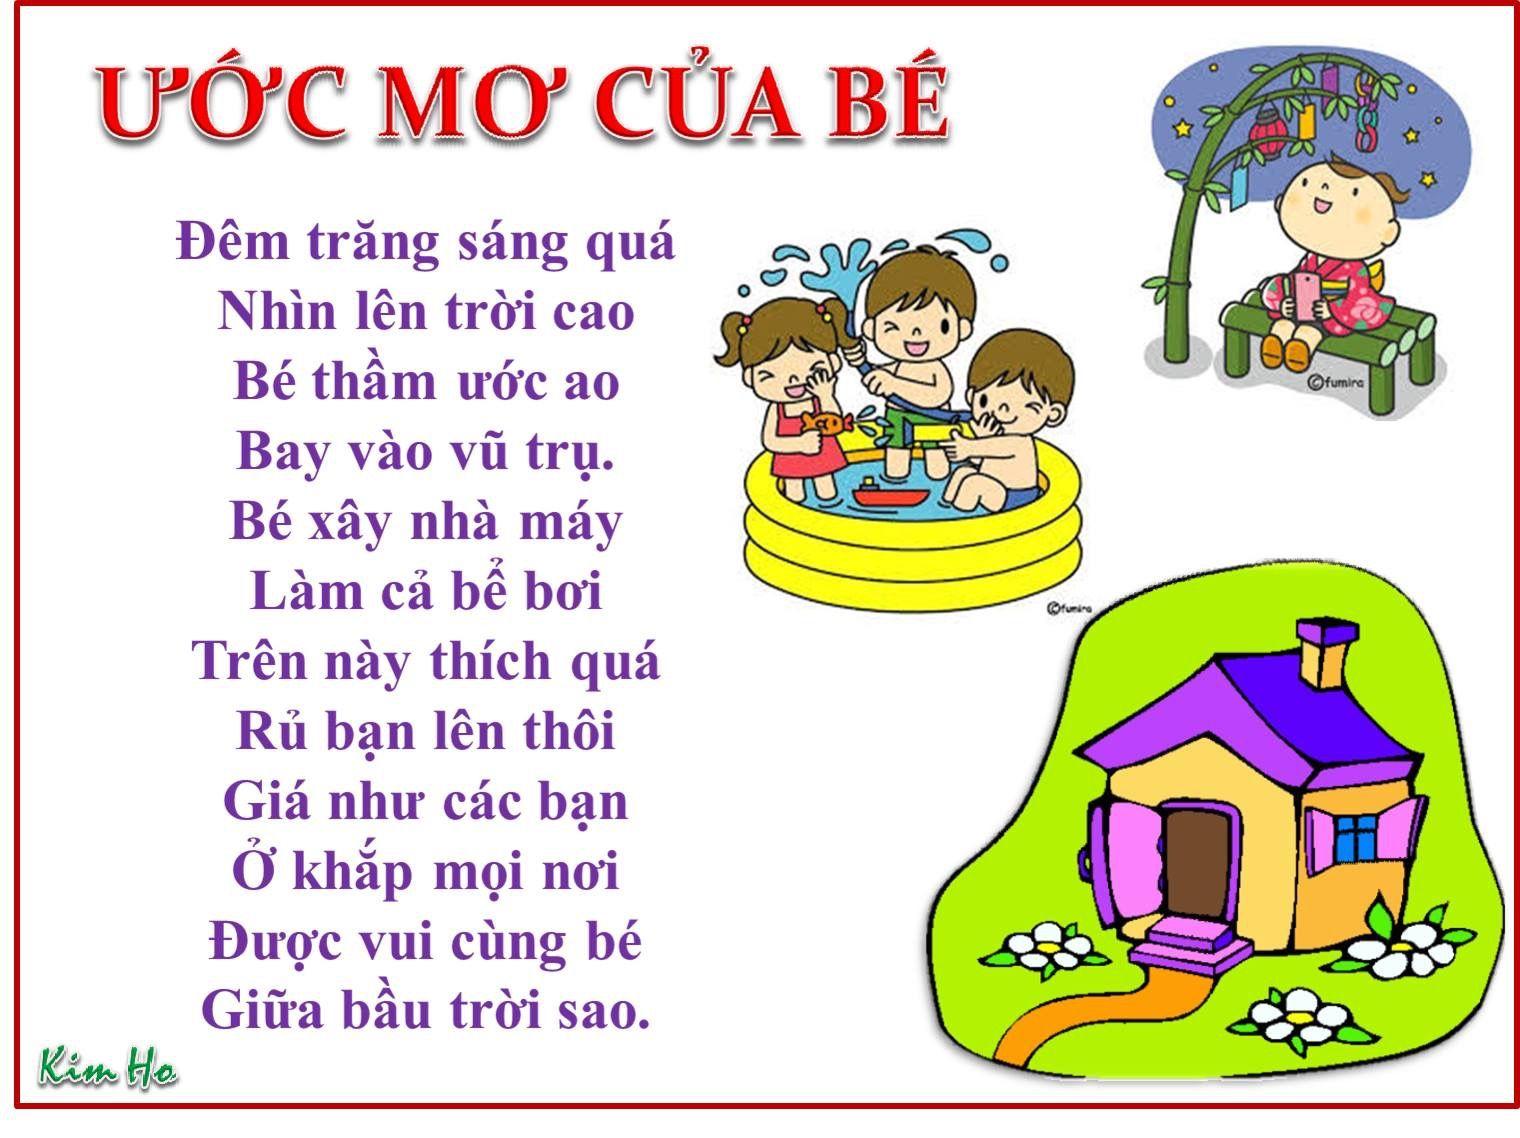 Ghim của Thanh Thuy Ha trên Thơ cho bé Giáo dục, Học tập